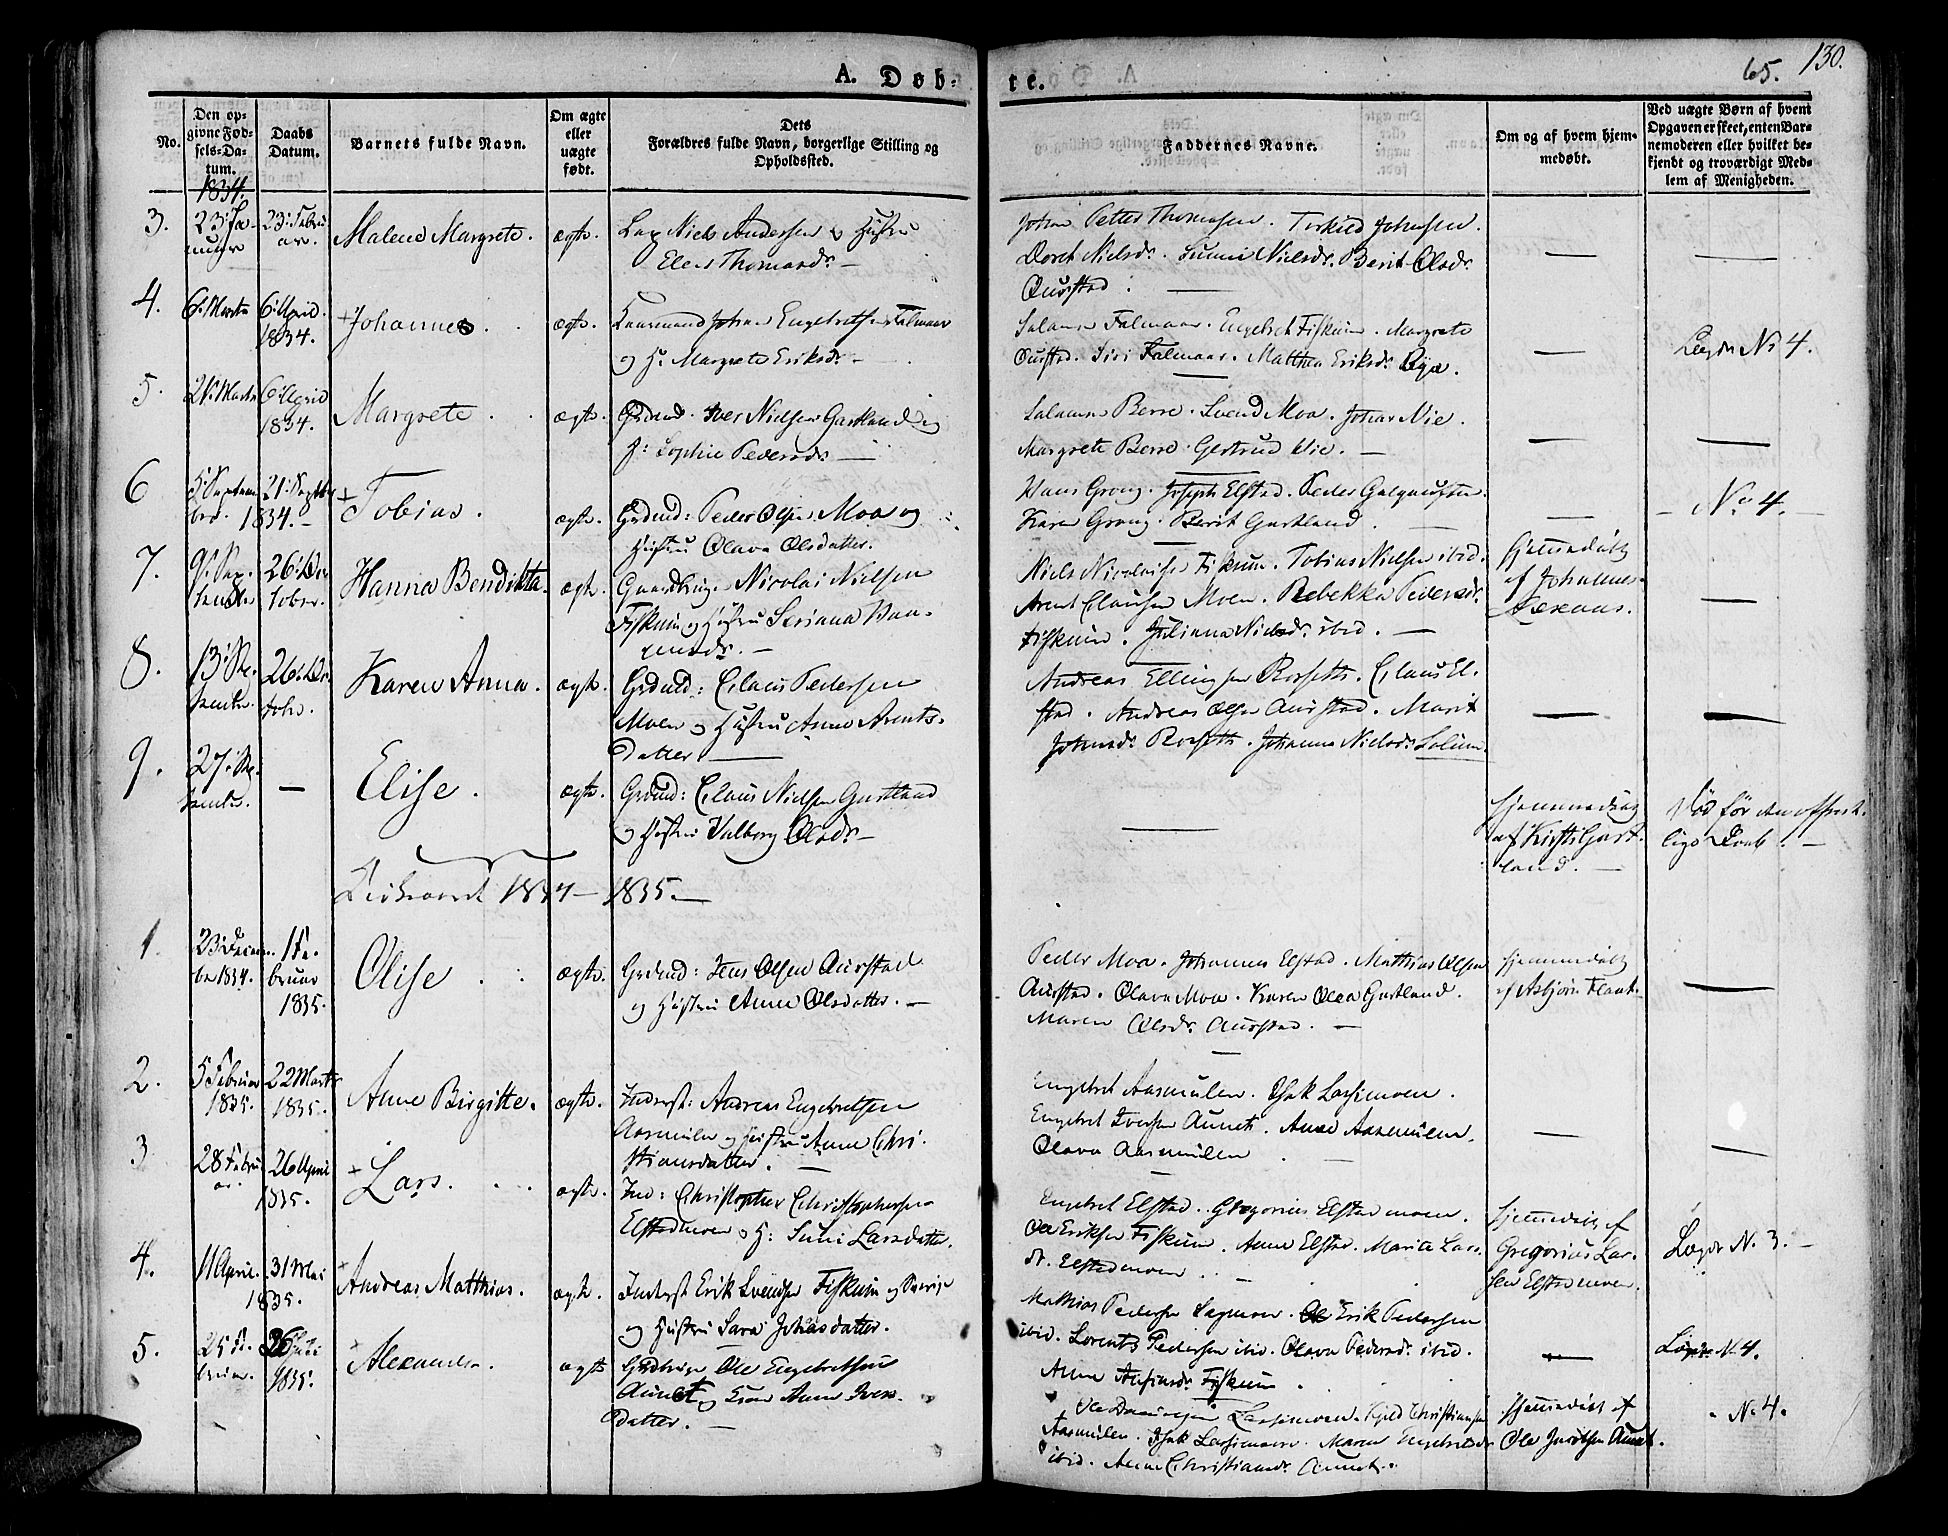 SAT, Ministerialprotokoller, klokkerbøker og fødselsregistre - Nord-Trøndelag, 758/L0510: Ministerialbok nr. 758A01 /3, 1821-1841, s. 65